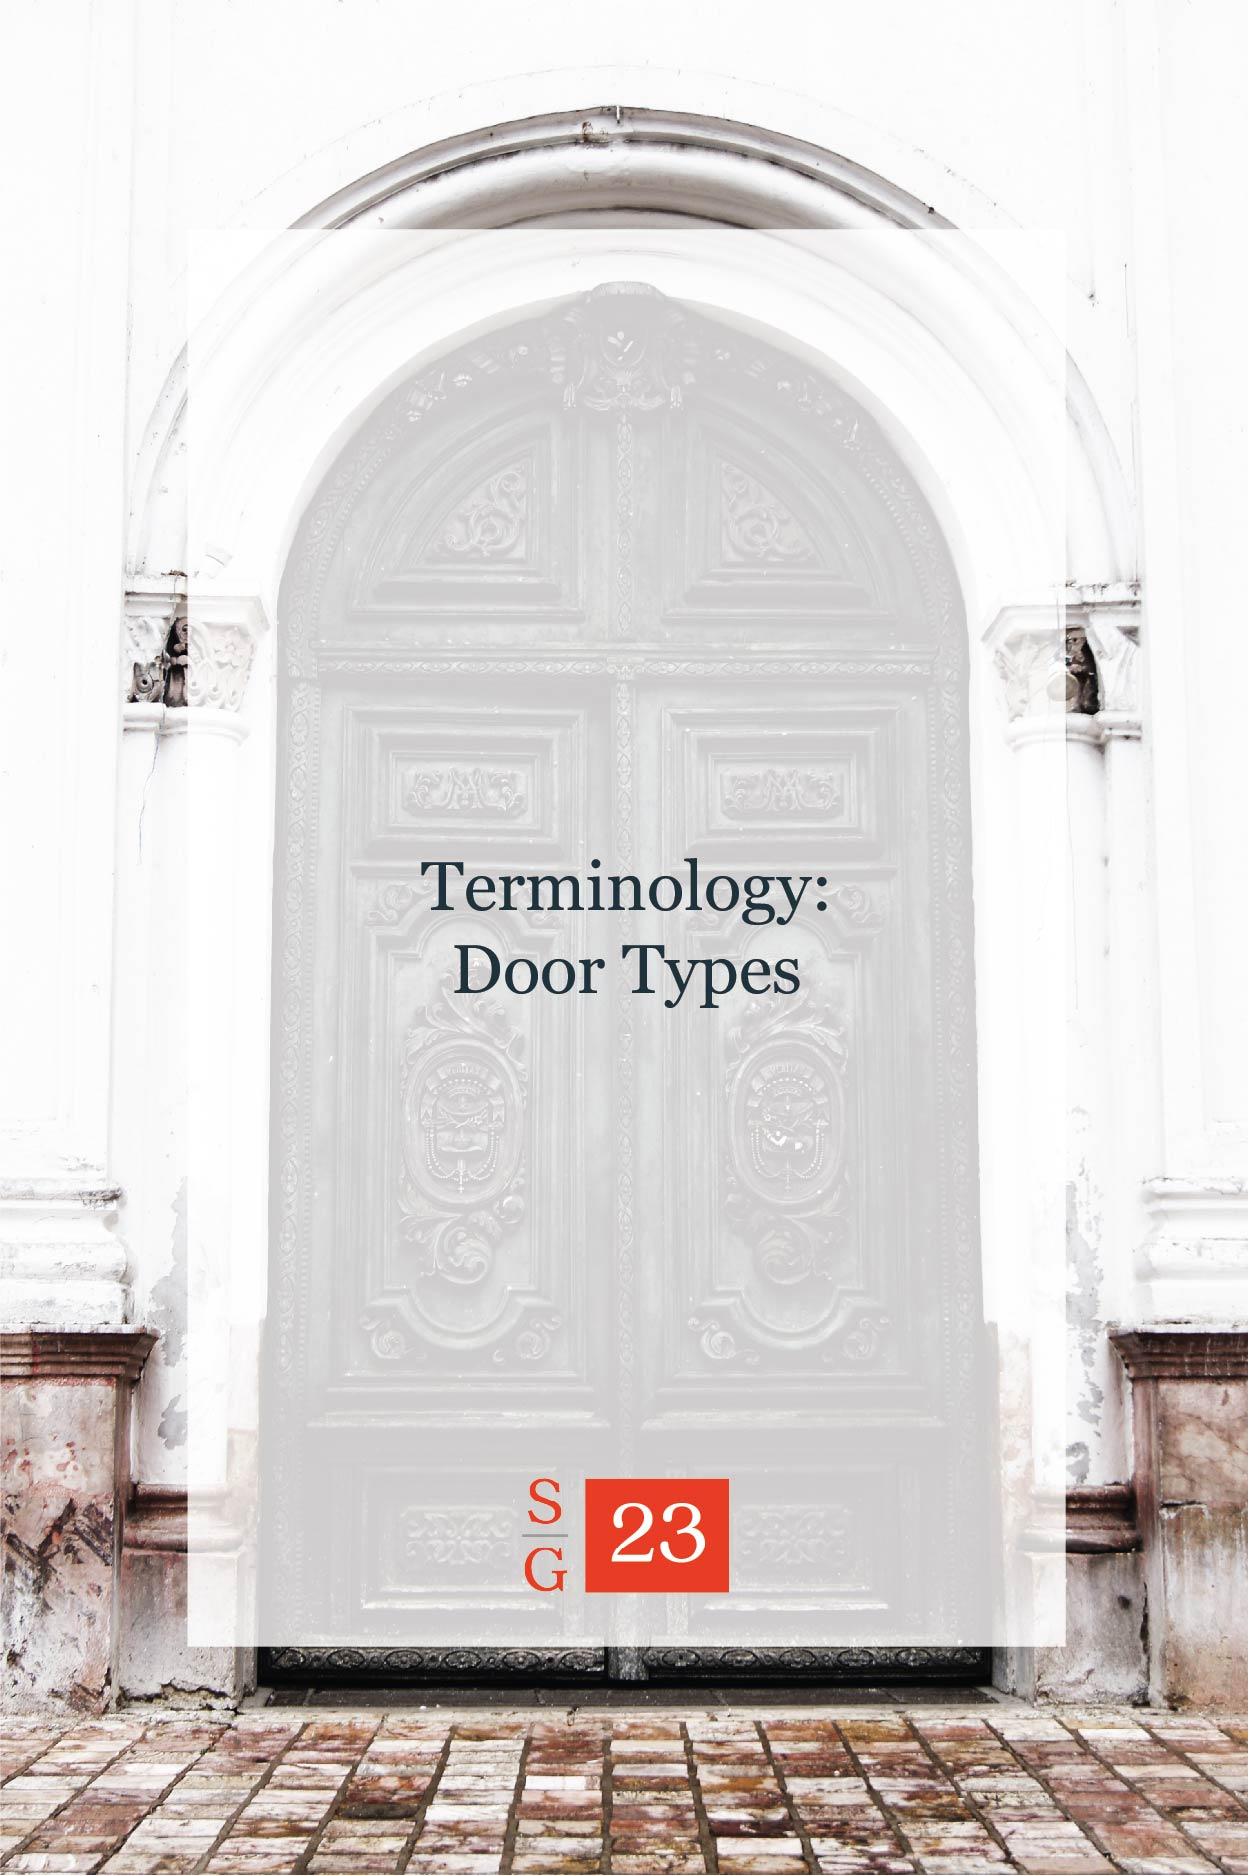 terminology-door-types-01.jpg